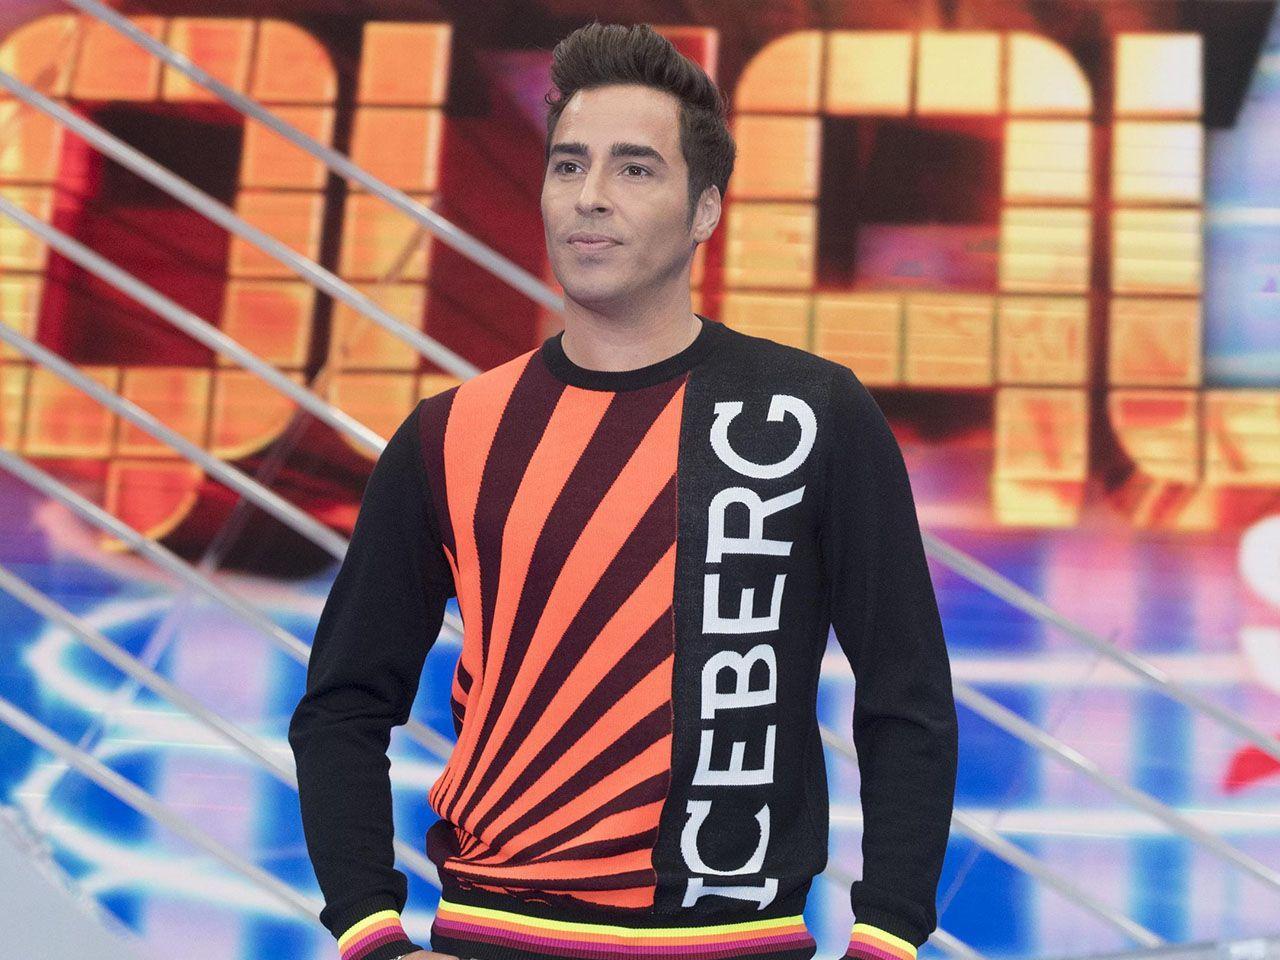 Federico Angelucci riammesso a Sanremo Giovani per la squalifica di Laura Ciriaco